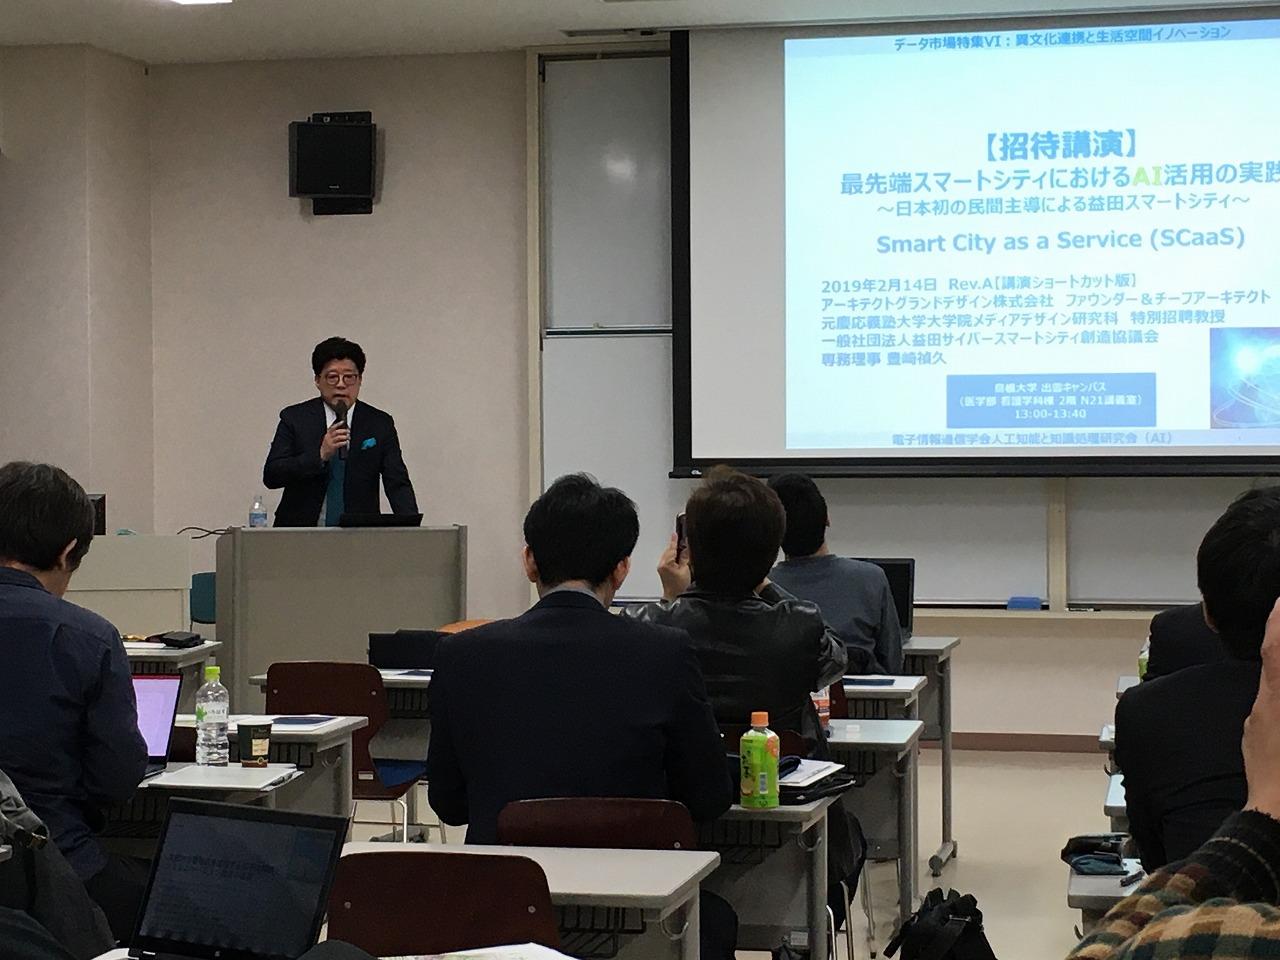 日本のグランド・デザイン」研究会 - JapaneseClass.jp